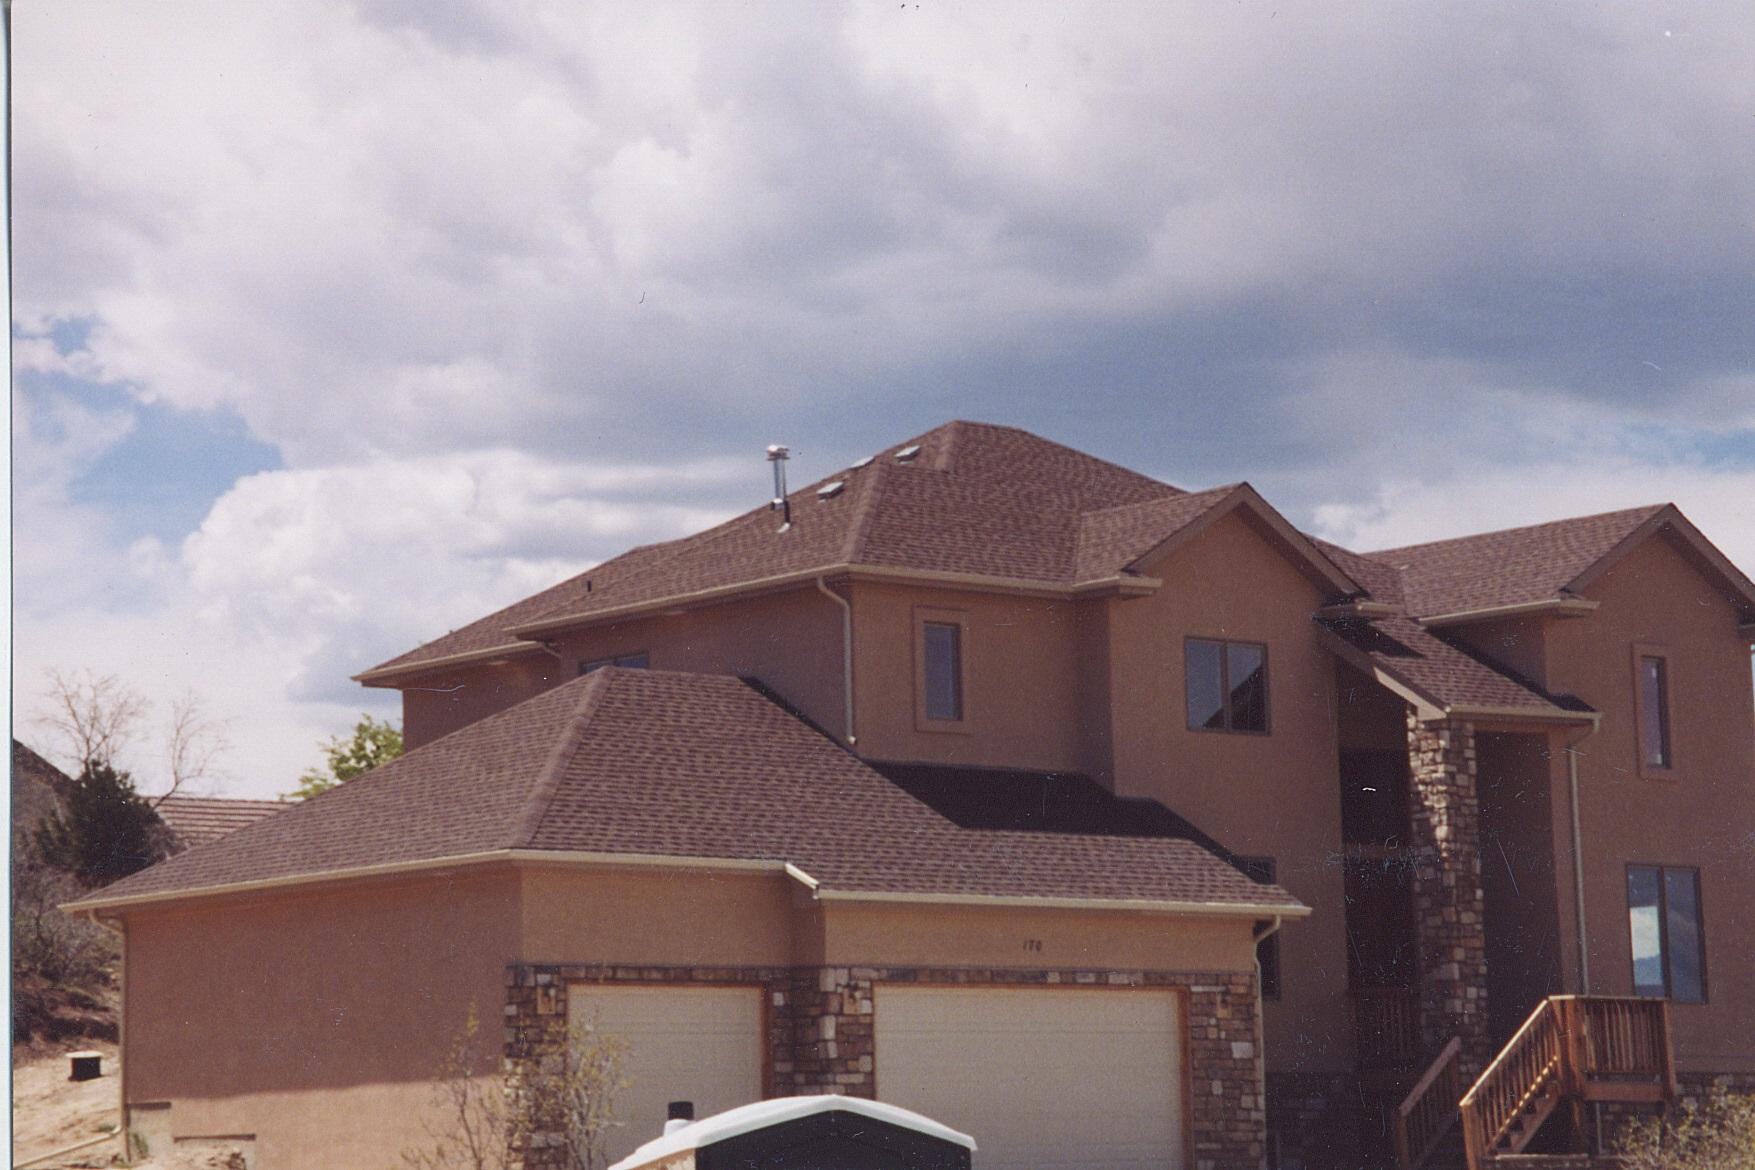 Apollo Roofing & Repairs LLC image 6